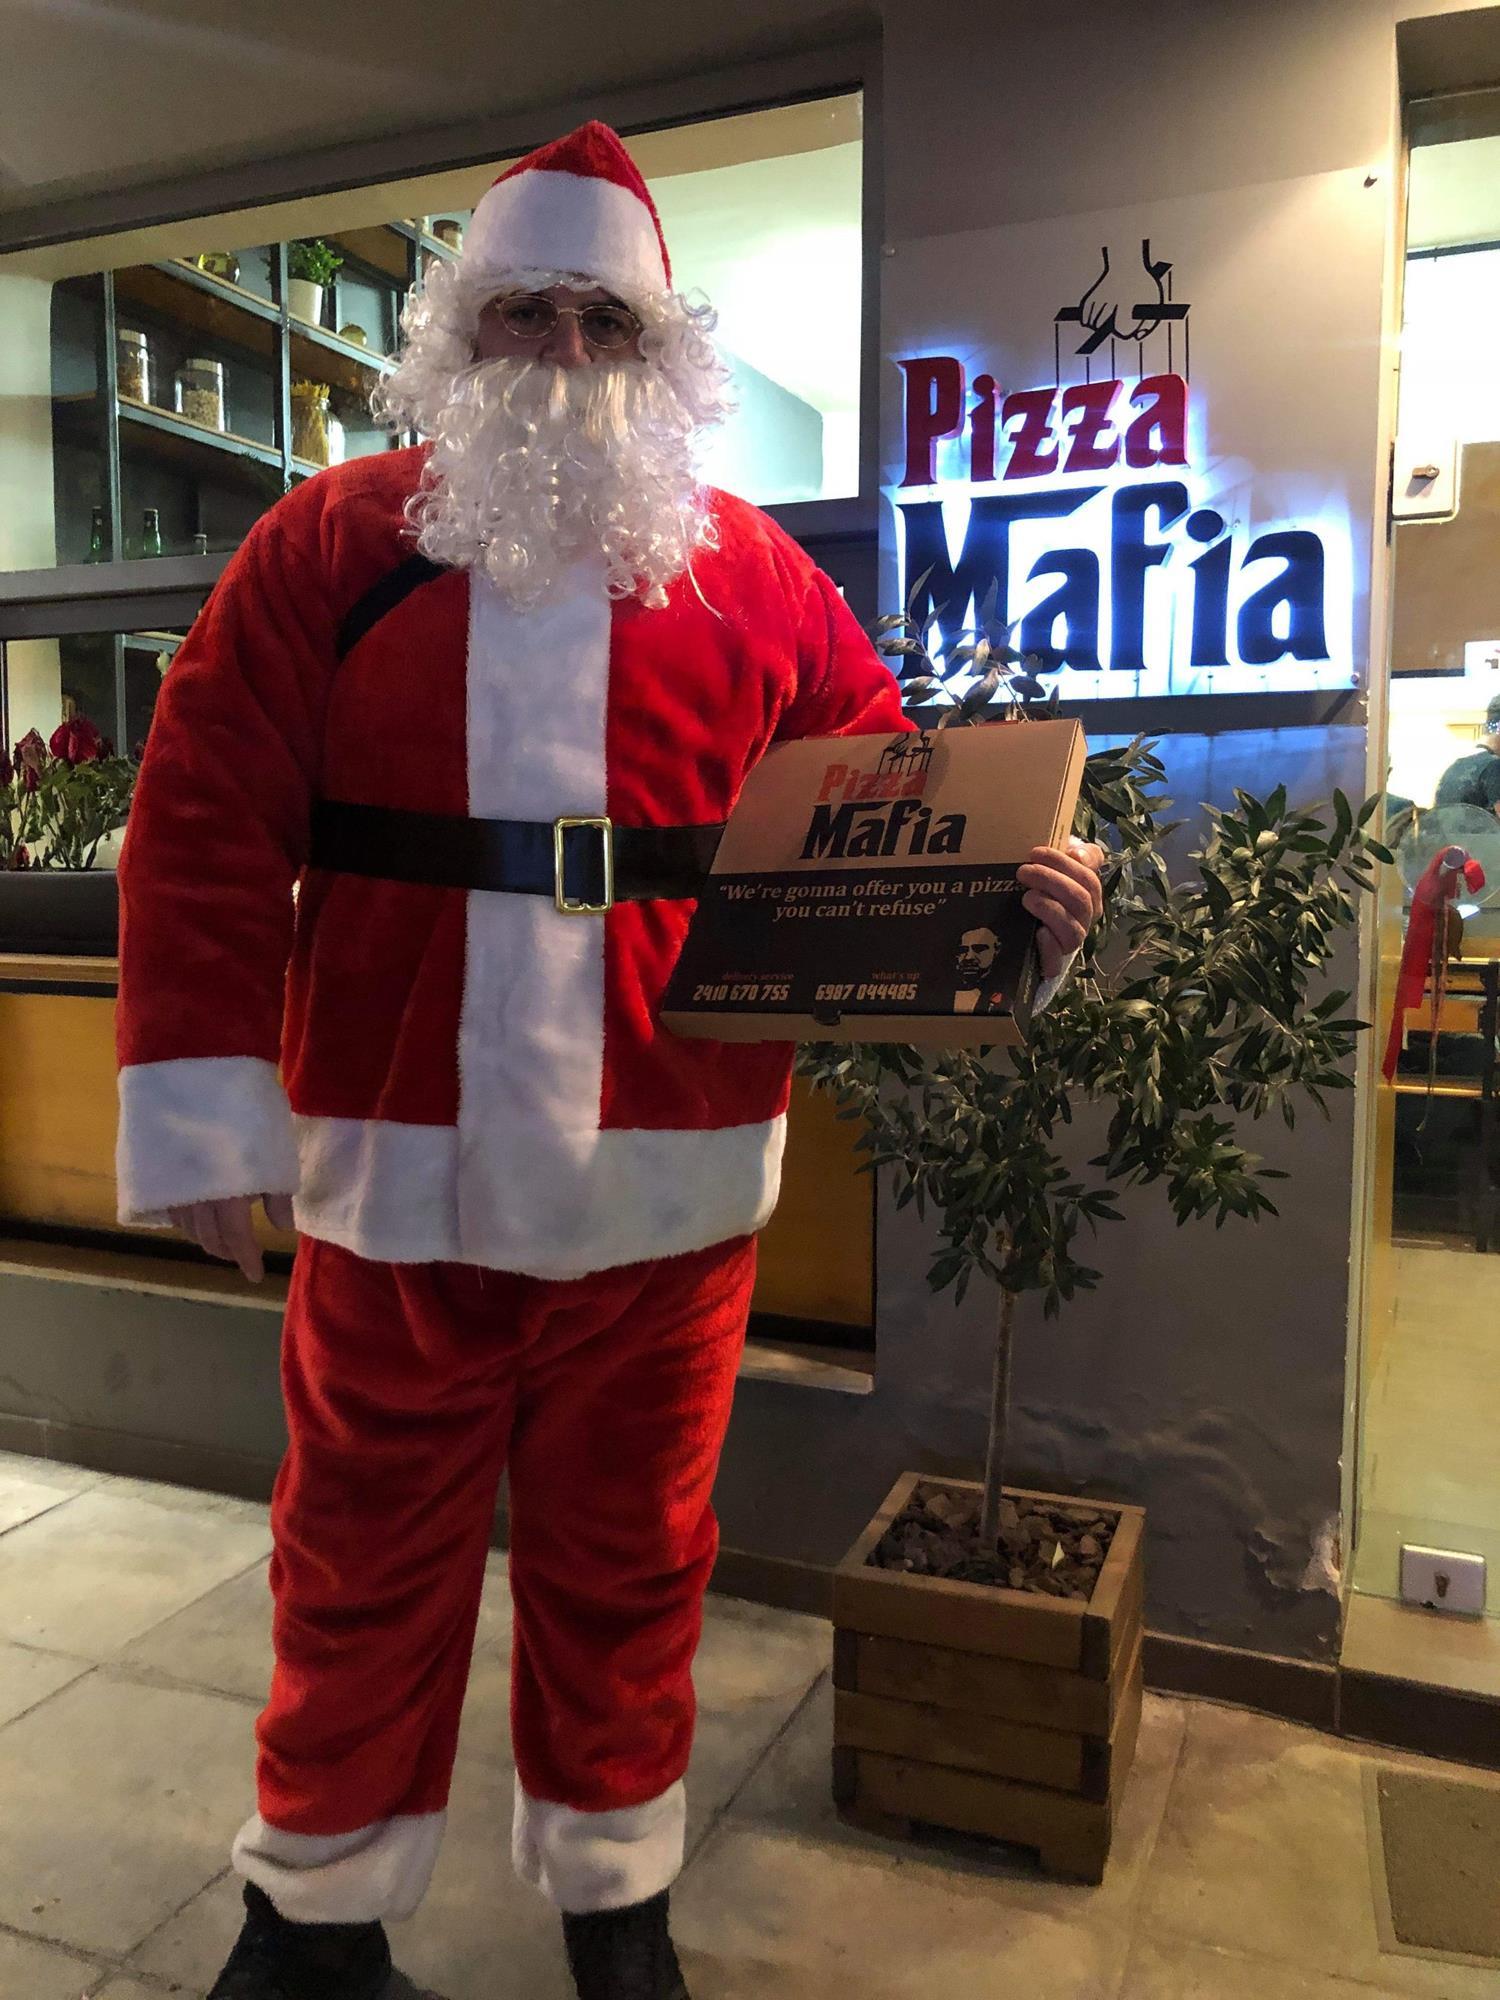 Στη Λάρισα ο Άγιος Βασίλης κάνει... ντελίβερι πίτσες - Η συγκινητική πρωτοβουλία ενός διανομέα (φωτό)